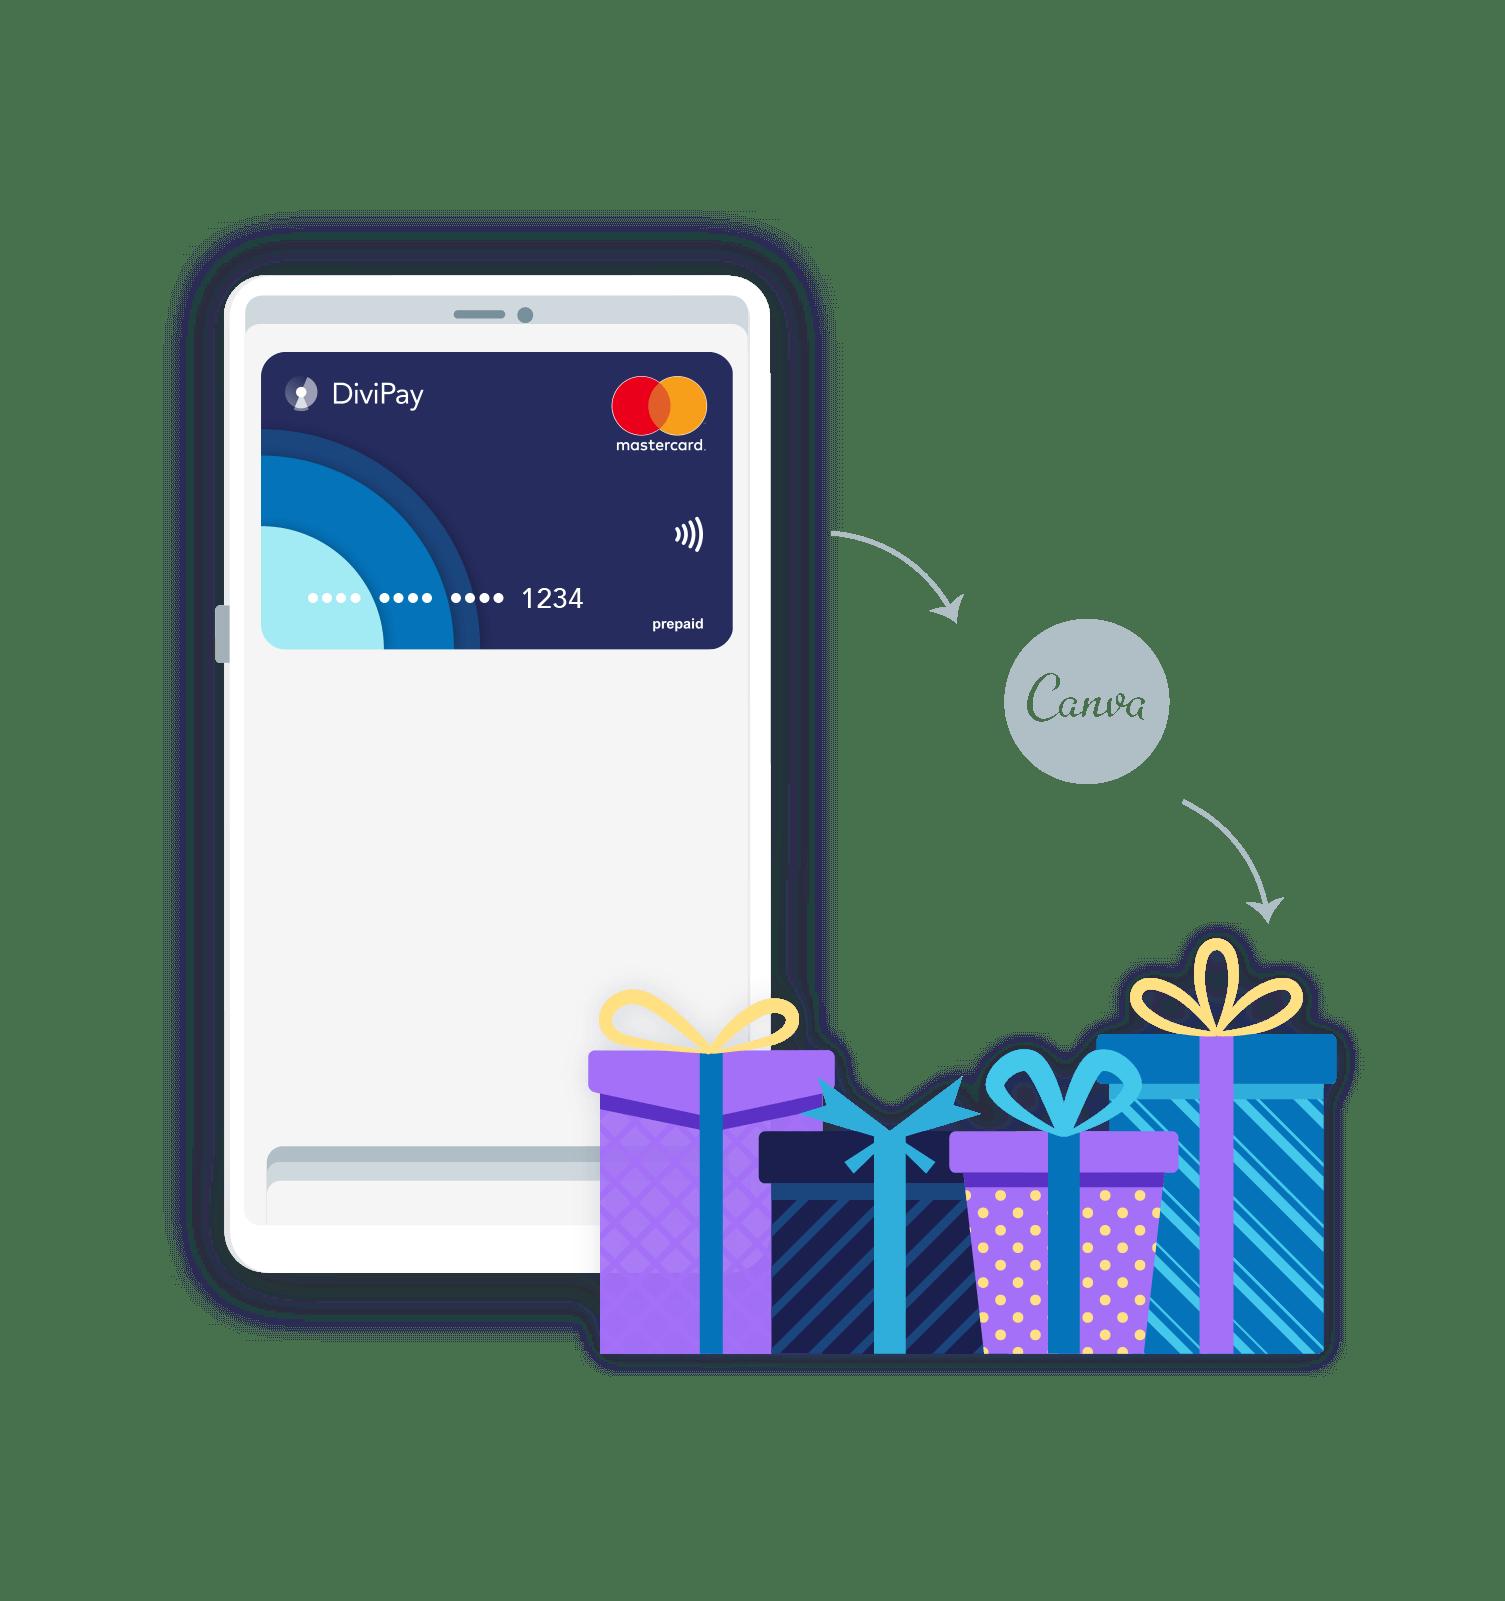 Divipay and Canva rewards